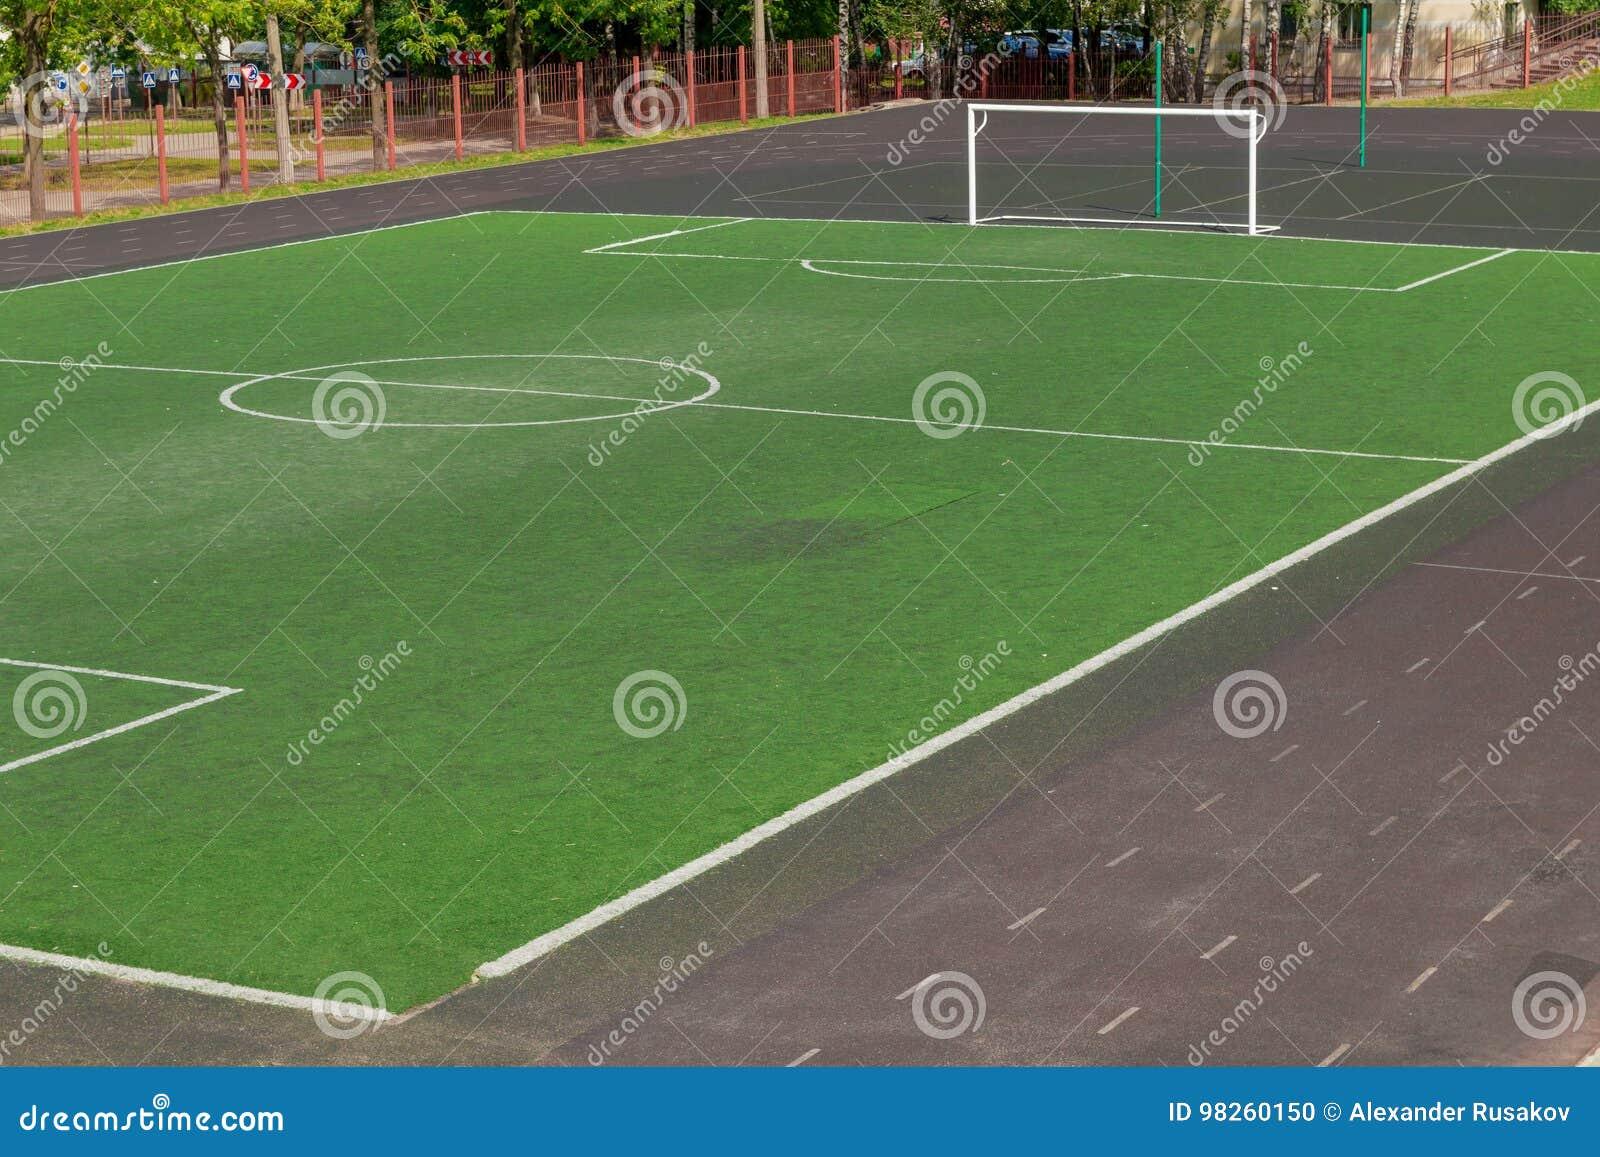 Fußballplatz im Schulhof 1